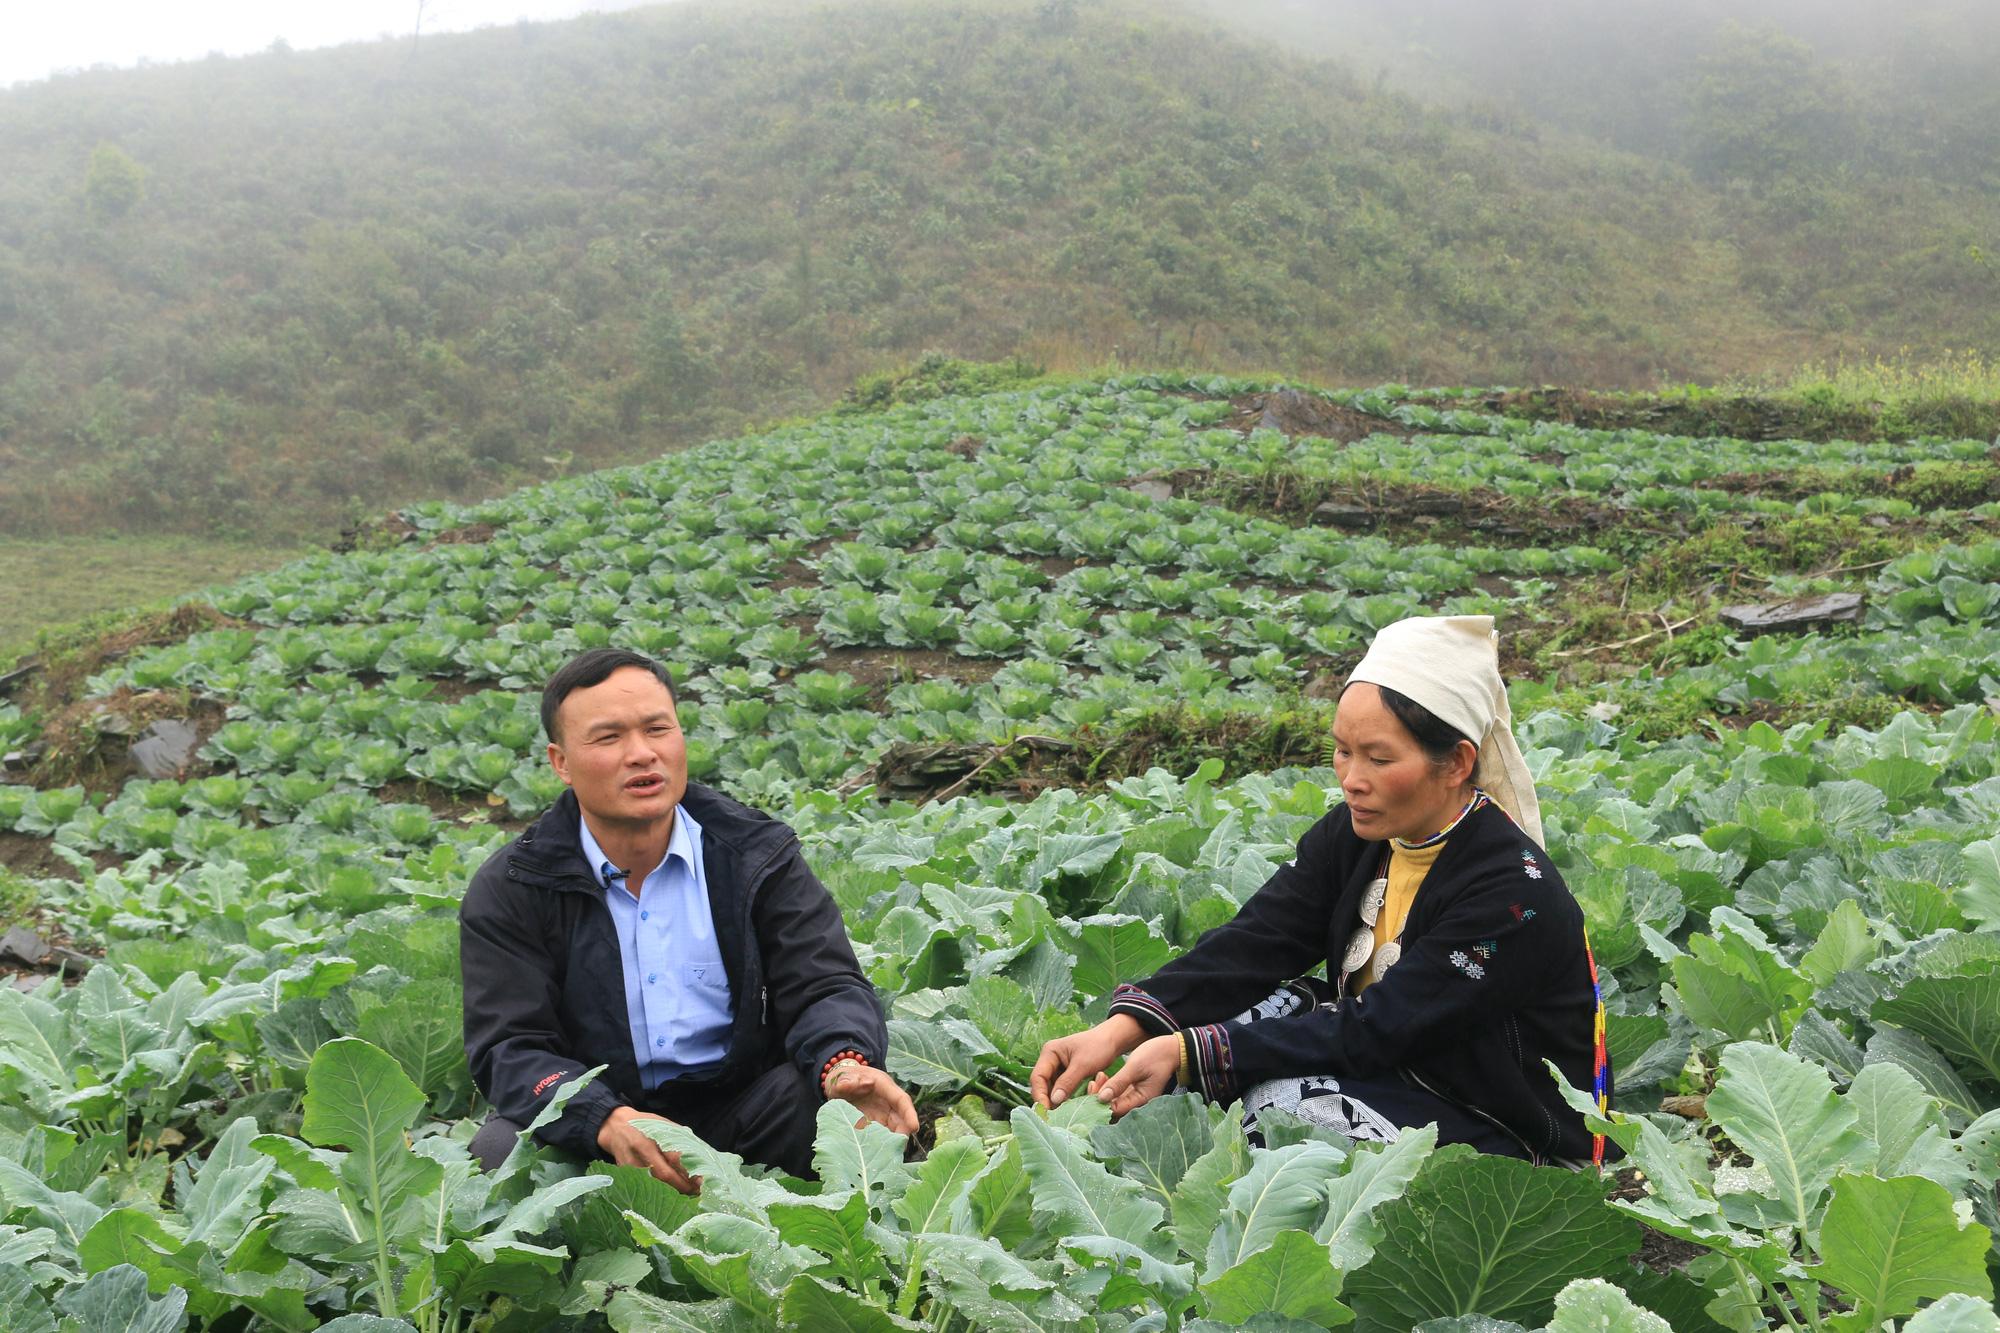 Tuyên Quang: Trồng rau hữu cơ trên đỉnh Kia Tăng thu nhập tăng gấp 3 lần so với trồng ngô, lúa. - Ảnh 4.